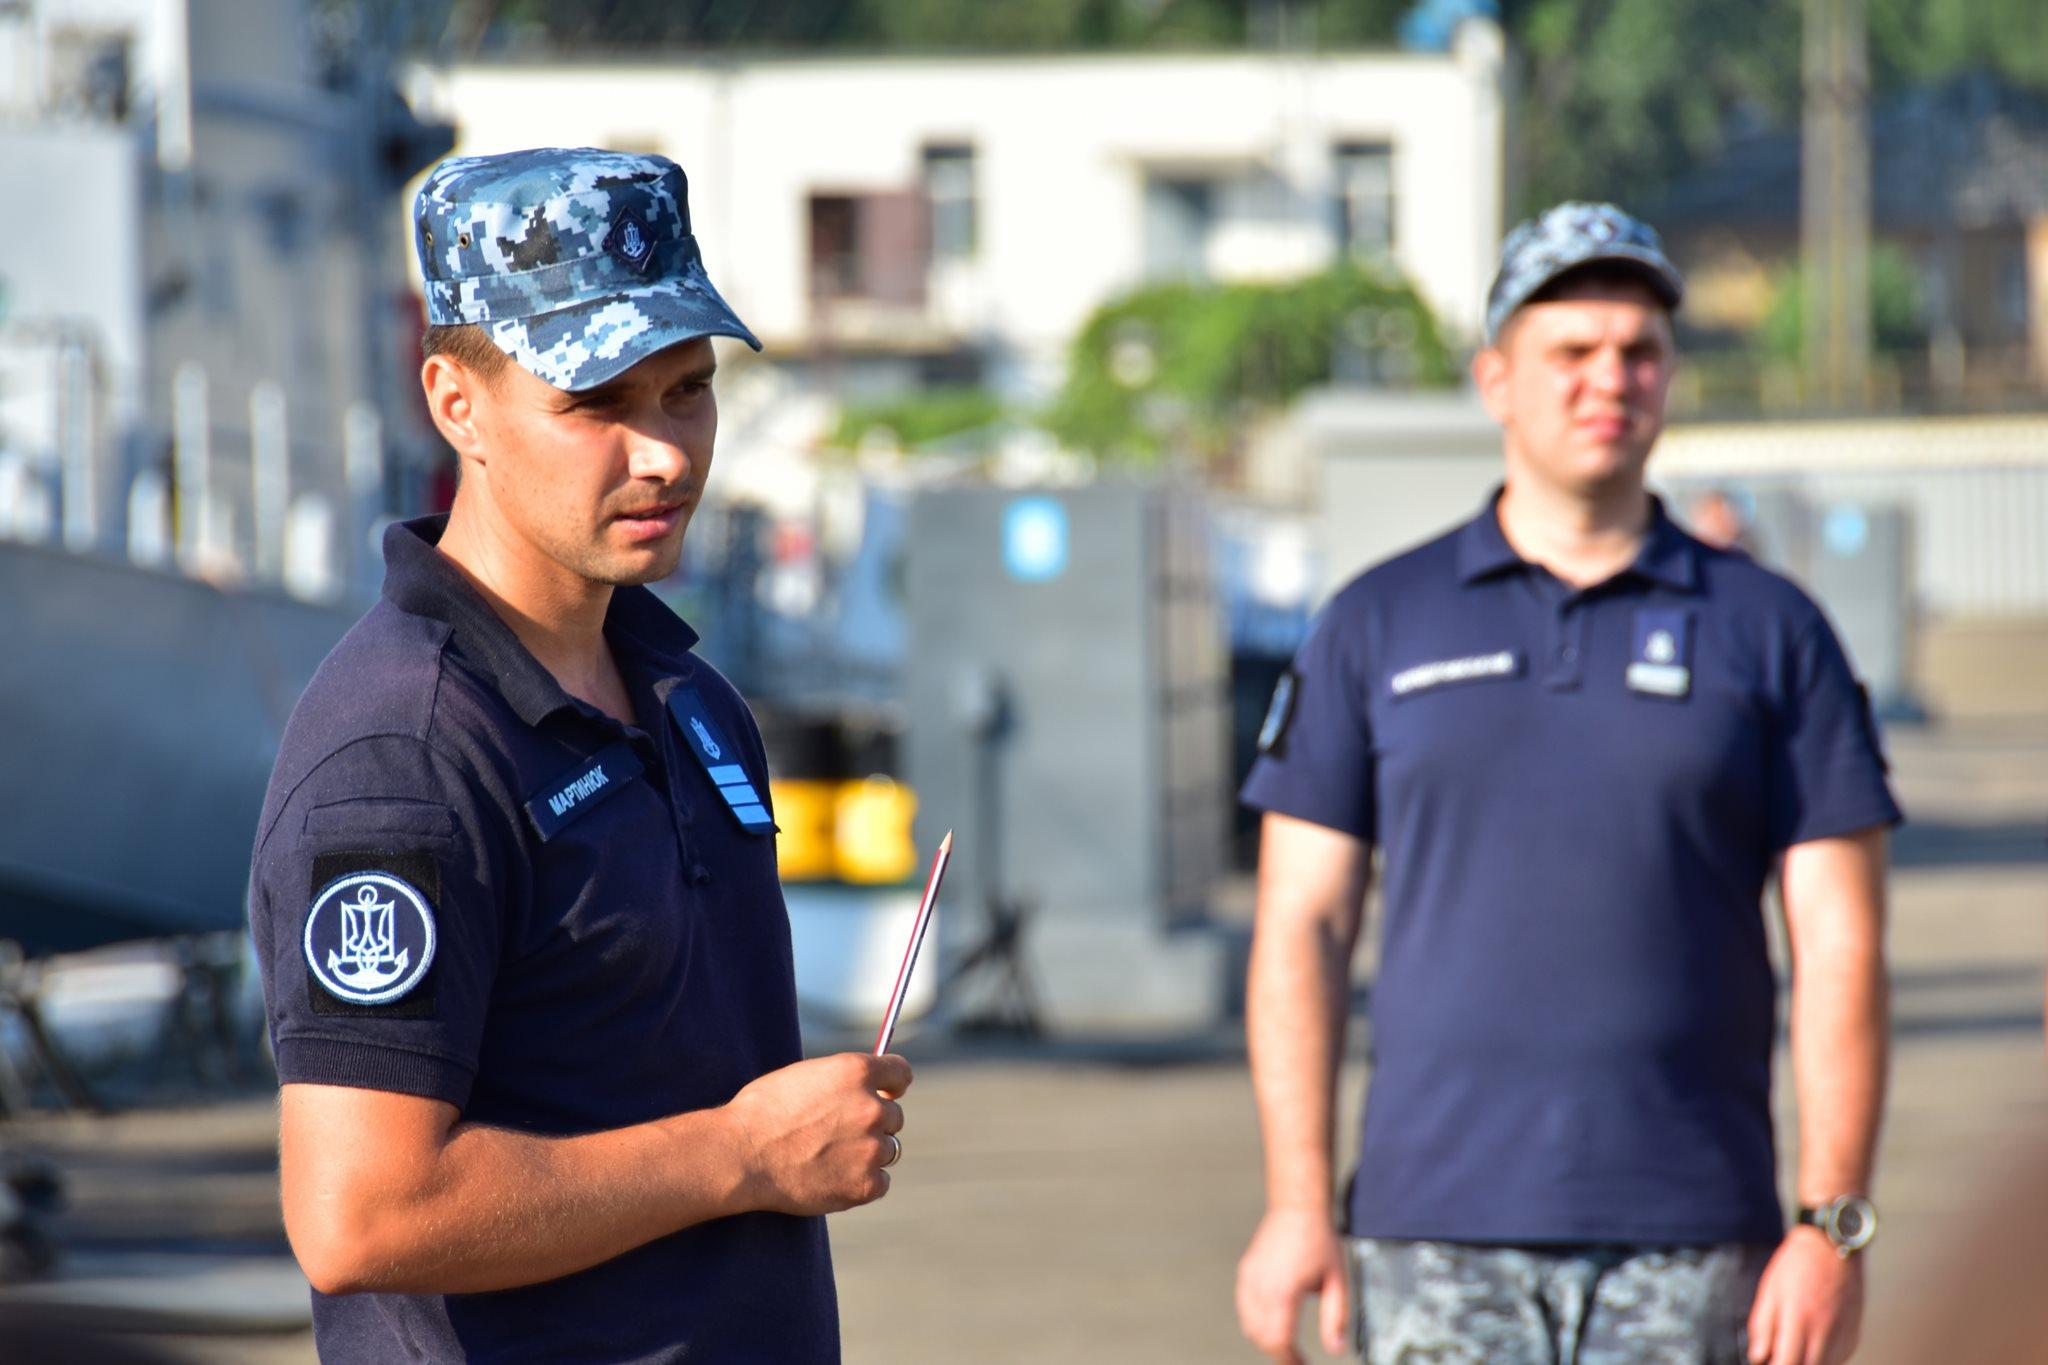 Подразделение ВМС Украины сегодня примет участие в международных учениях в Румынии